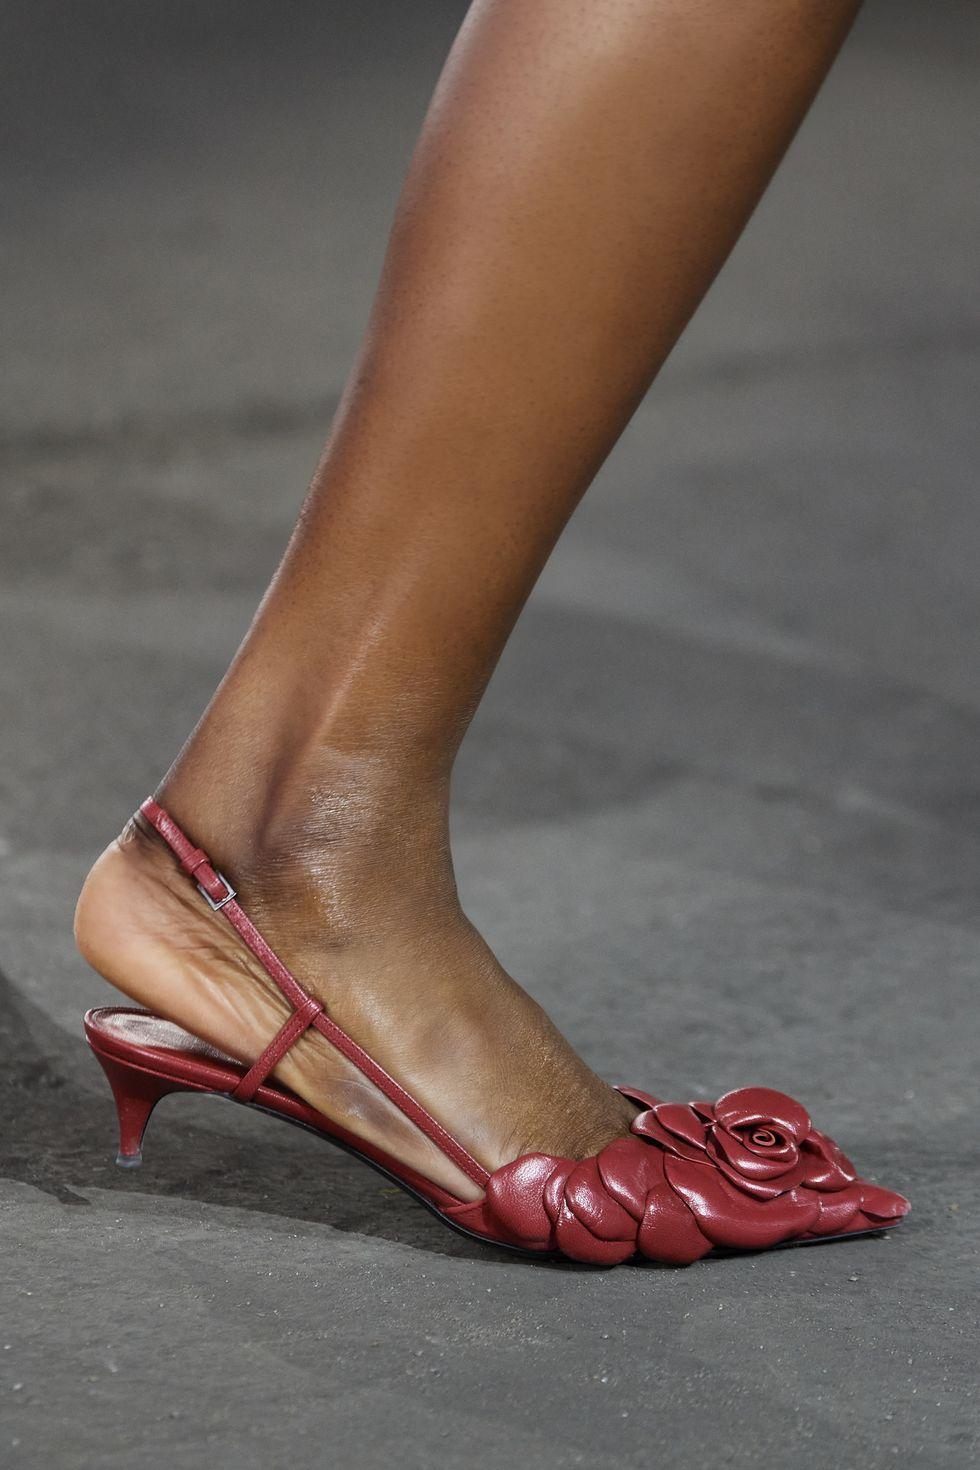 Giày slingback valentino hoạ tiết hoa hồng 3d màu đỏ